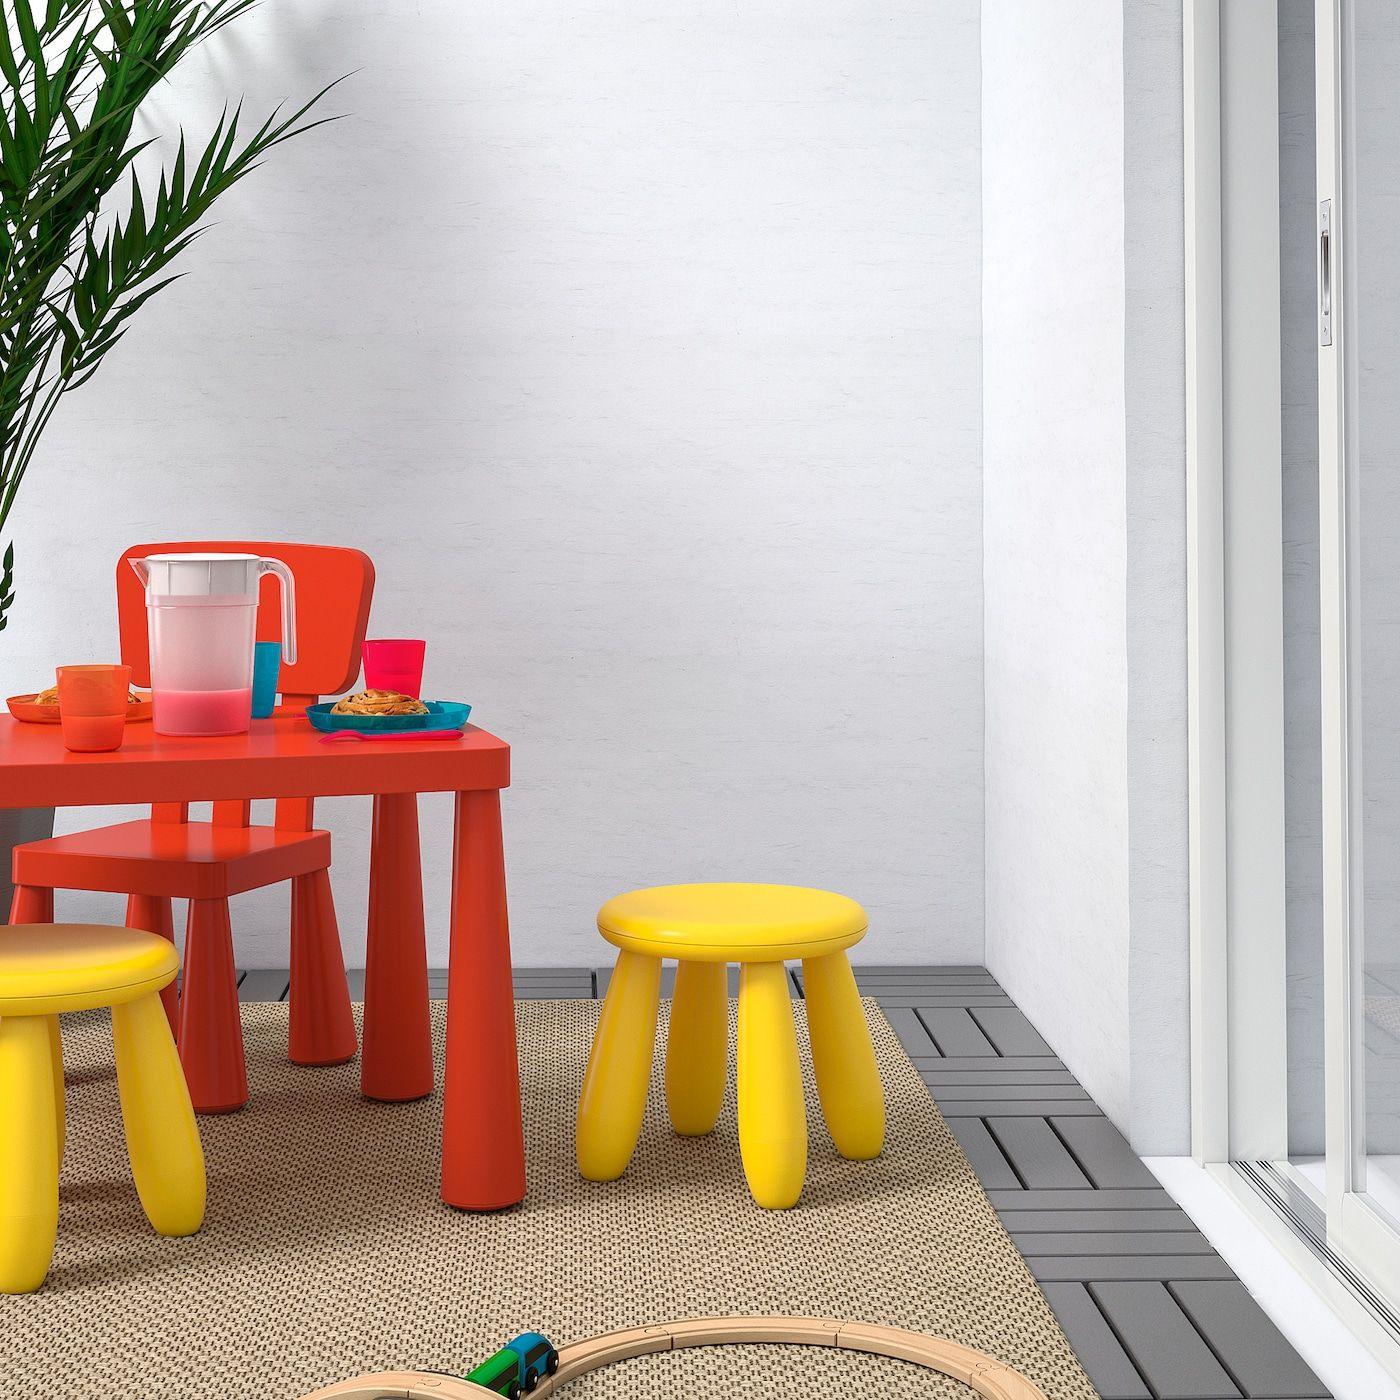 Mammut Kinderhocker Drinnen Draußen Gelb Ikea Österreich Kinder Hocker Kinderhocker Stühle Für Kinder